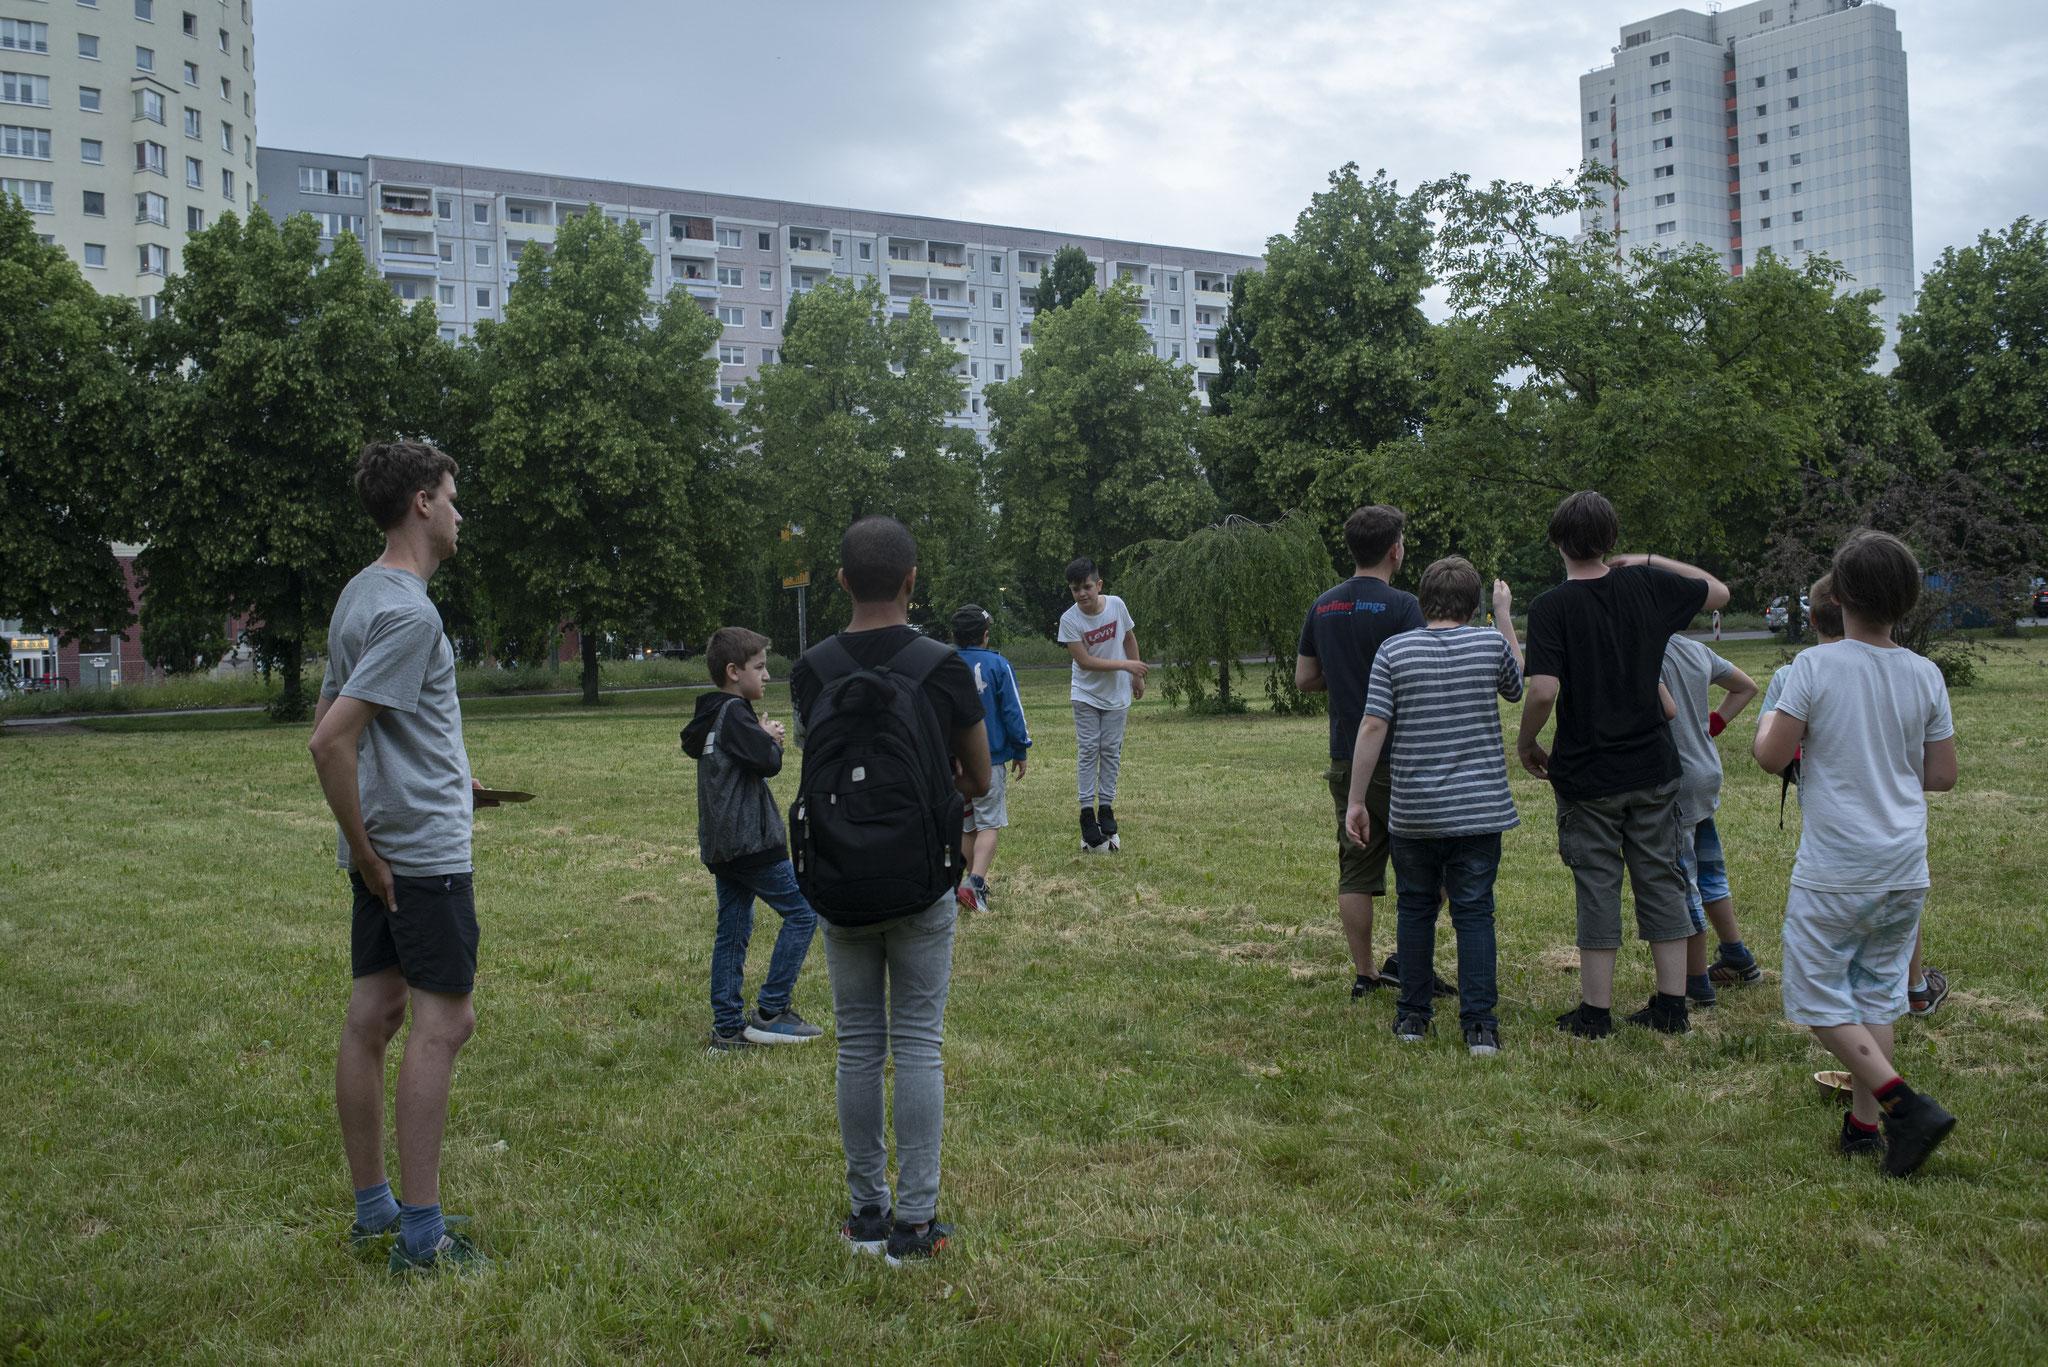 Trotz Regen spielen einige Jugendliche auf der Wiese am Warnitzer Bogen.